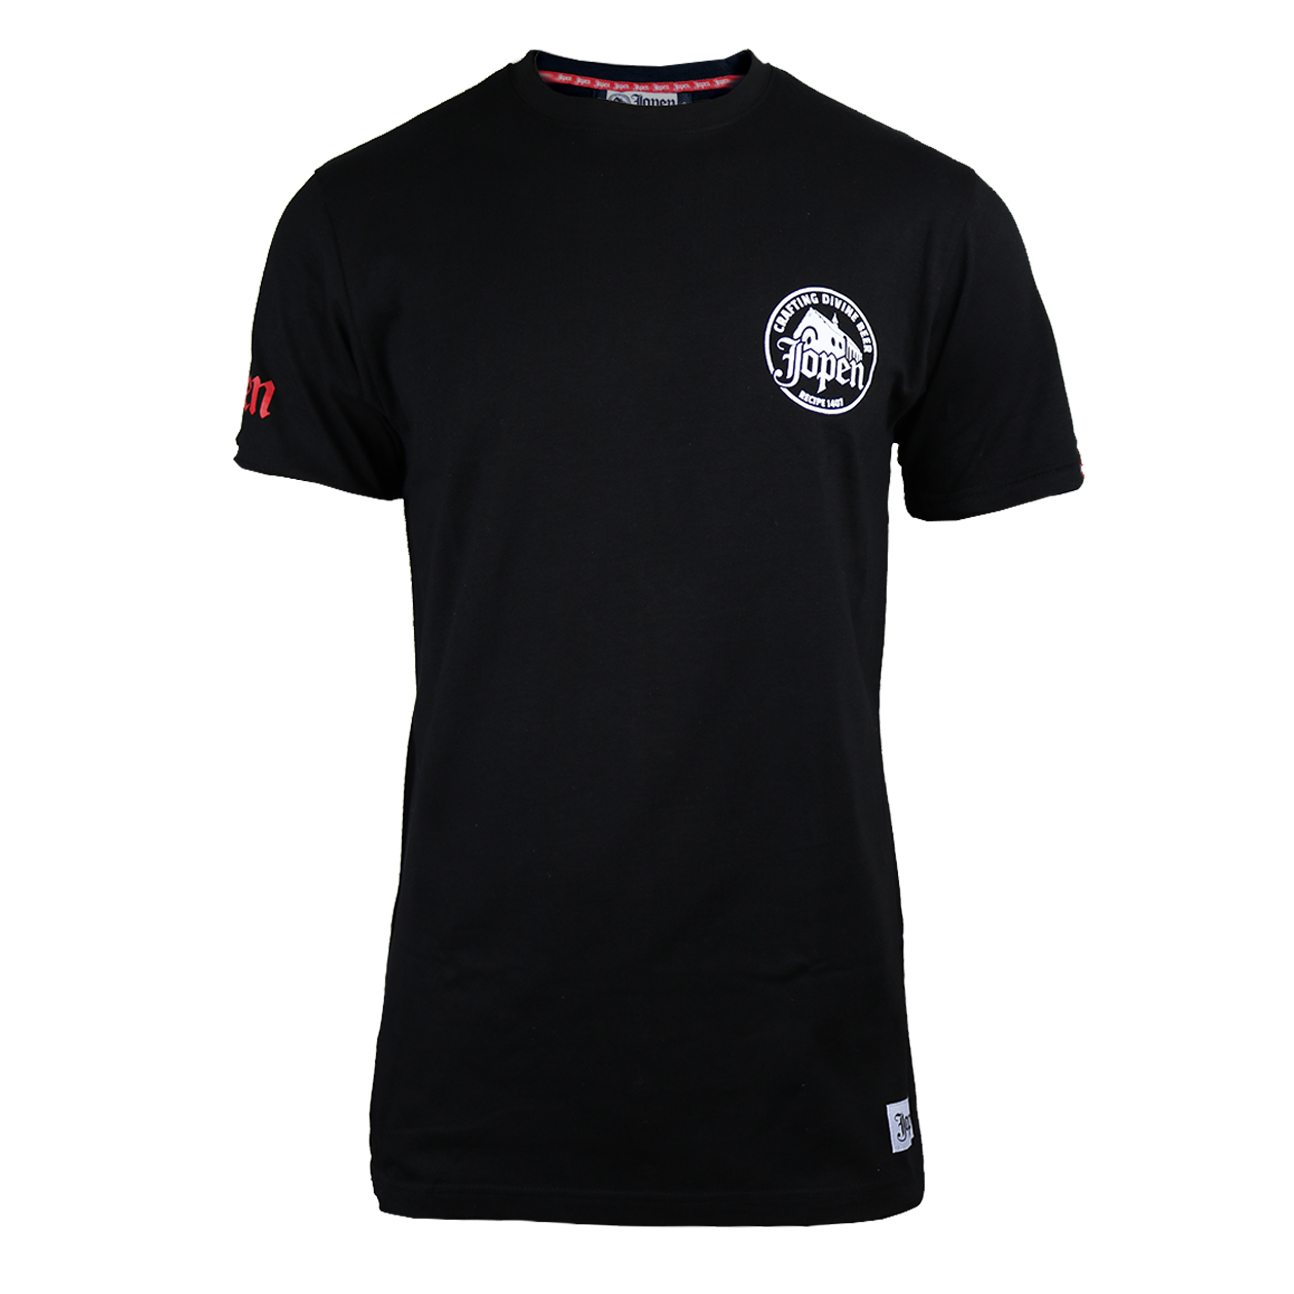 Jopen shirt men Jopen black